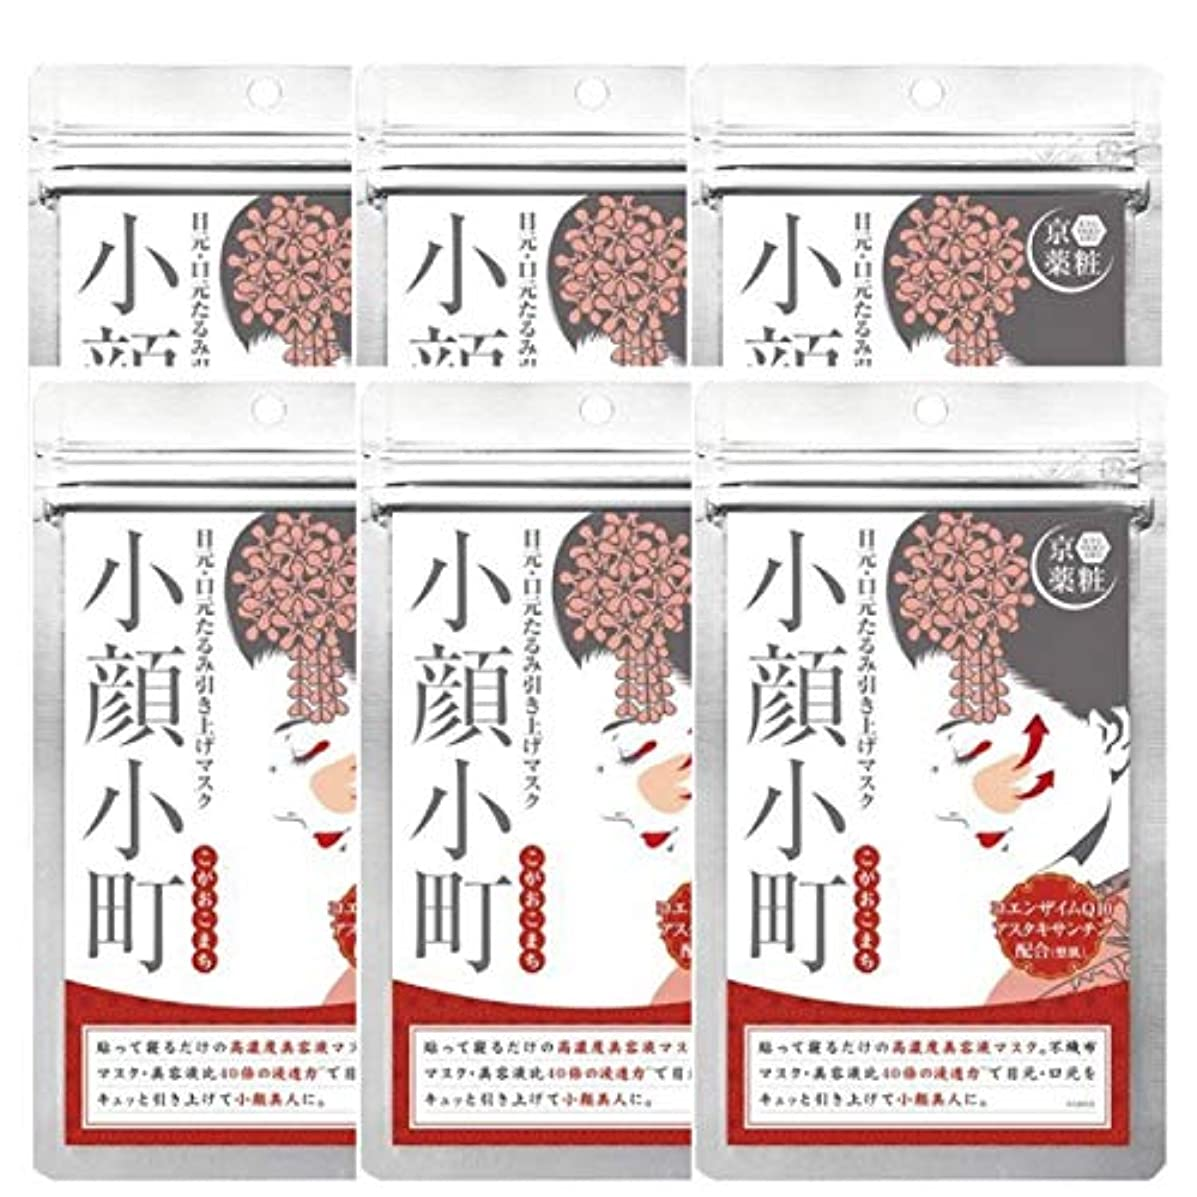 つぶやき本能メンタル京薬粧 小顔小町 リフトアップマスク ×6セット